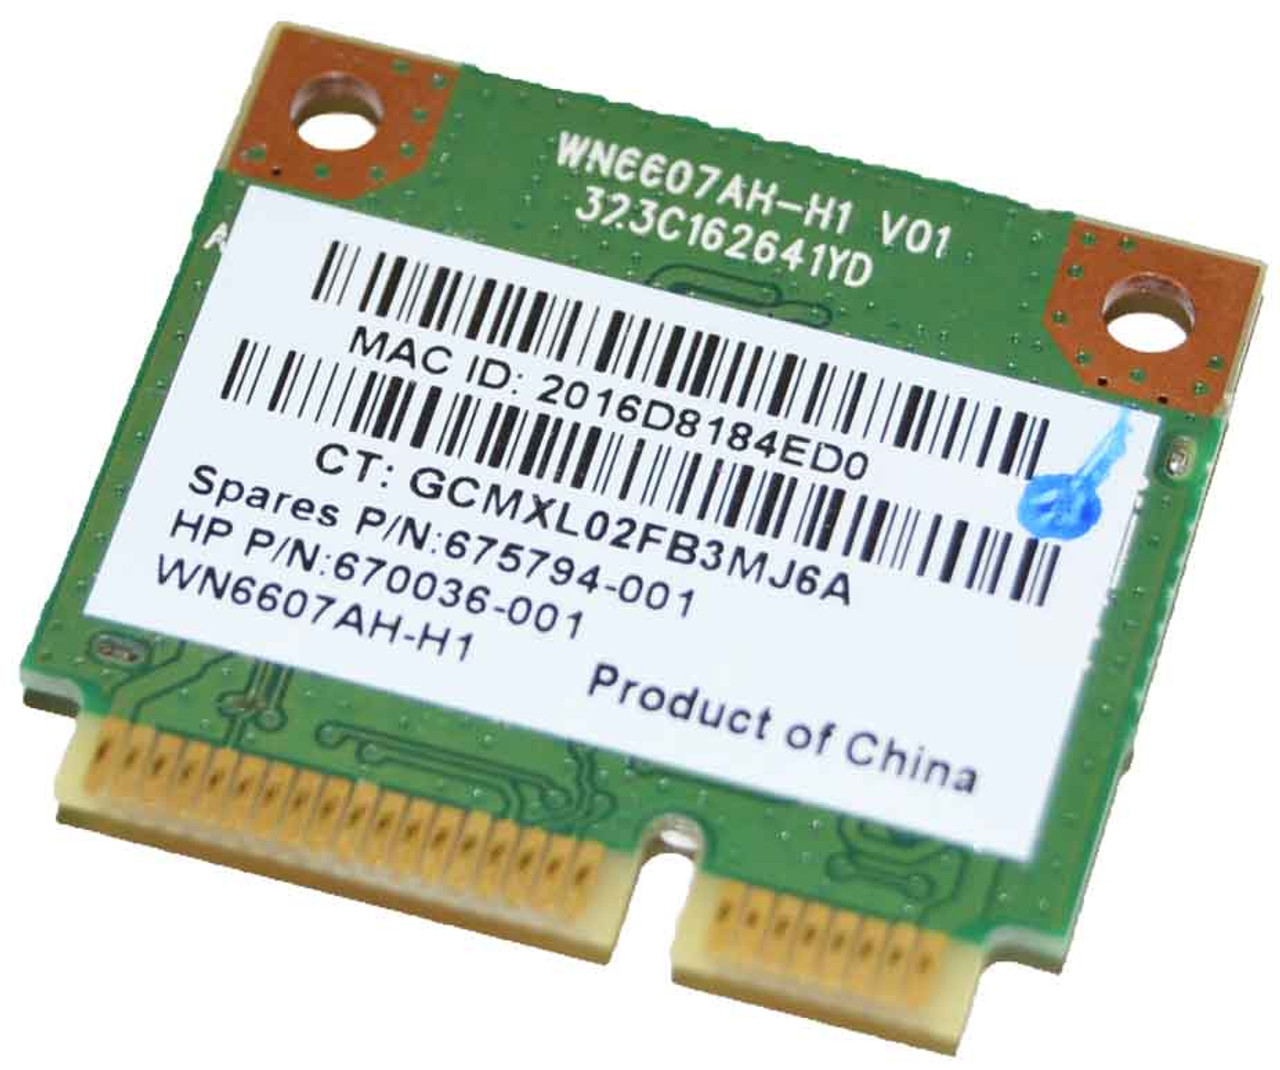 Atheros AR5B125 HP 670036-001 WiFi WLAN Half Mini PCI-E Card